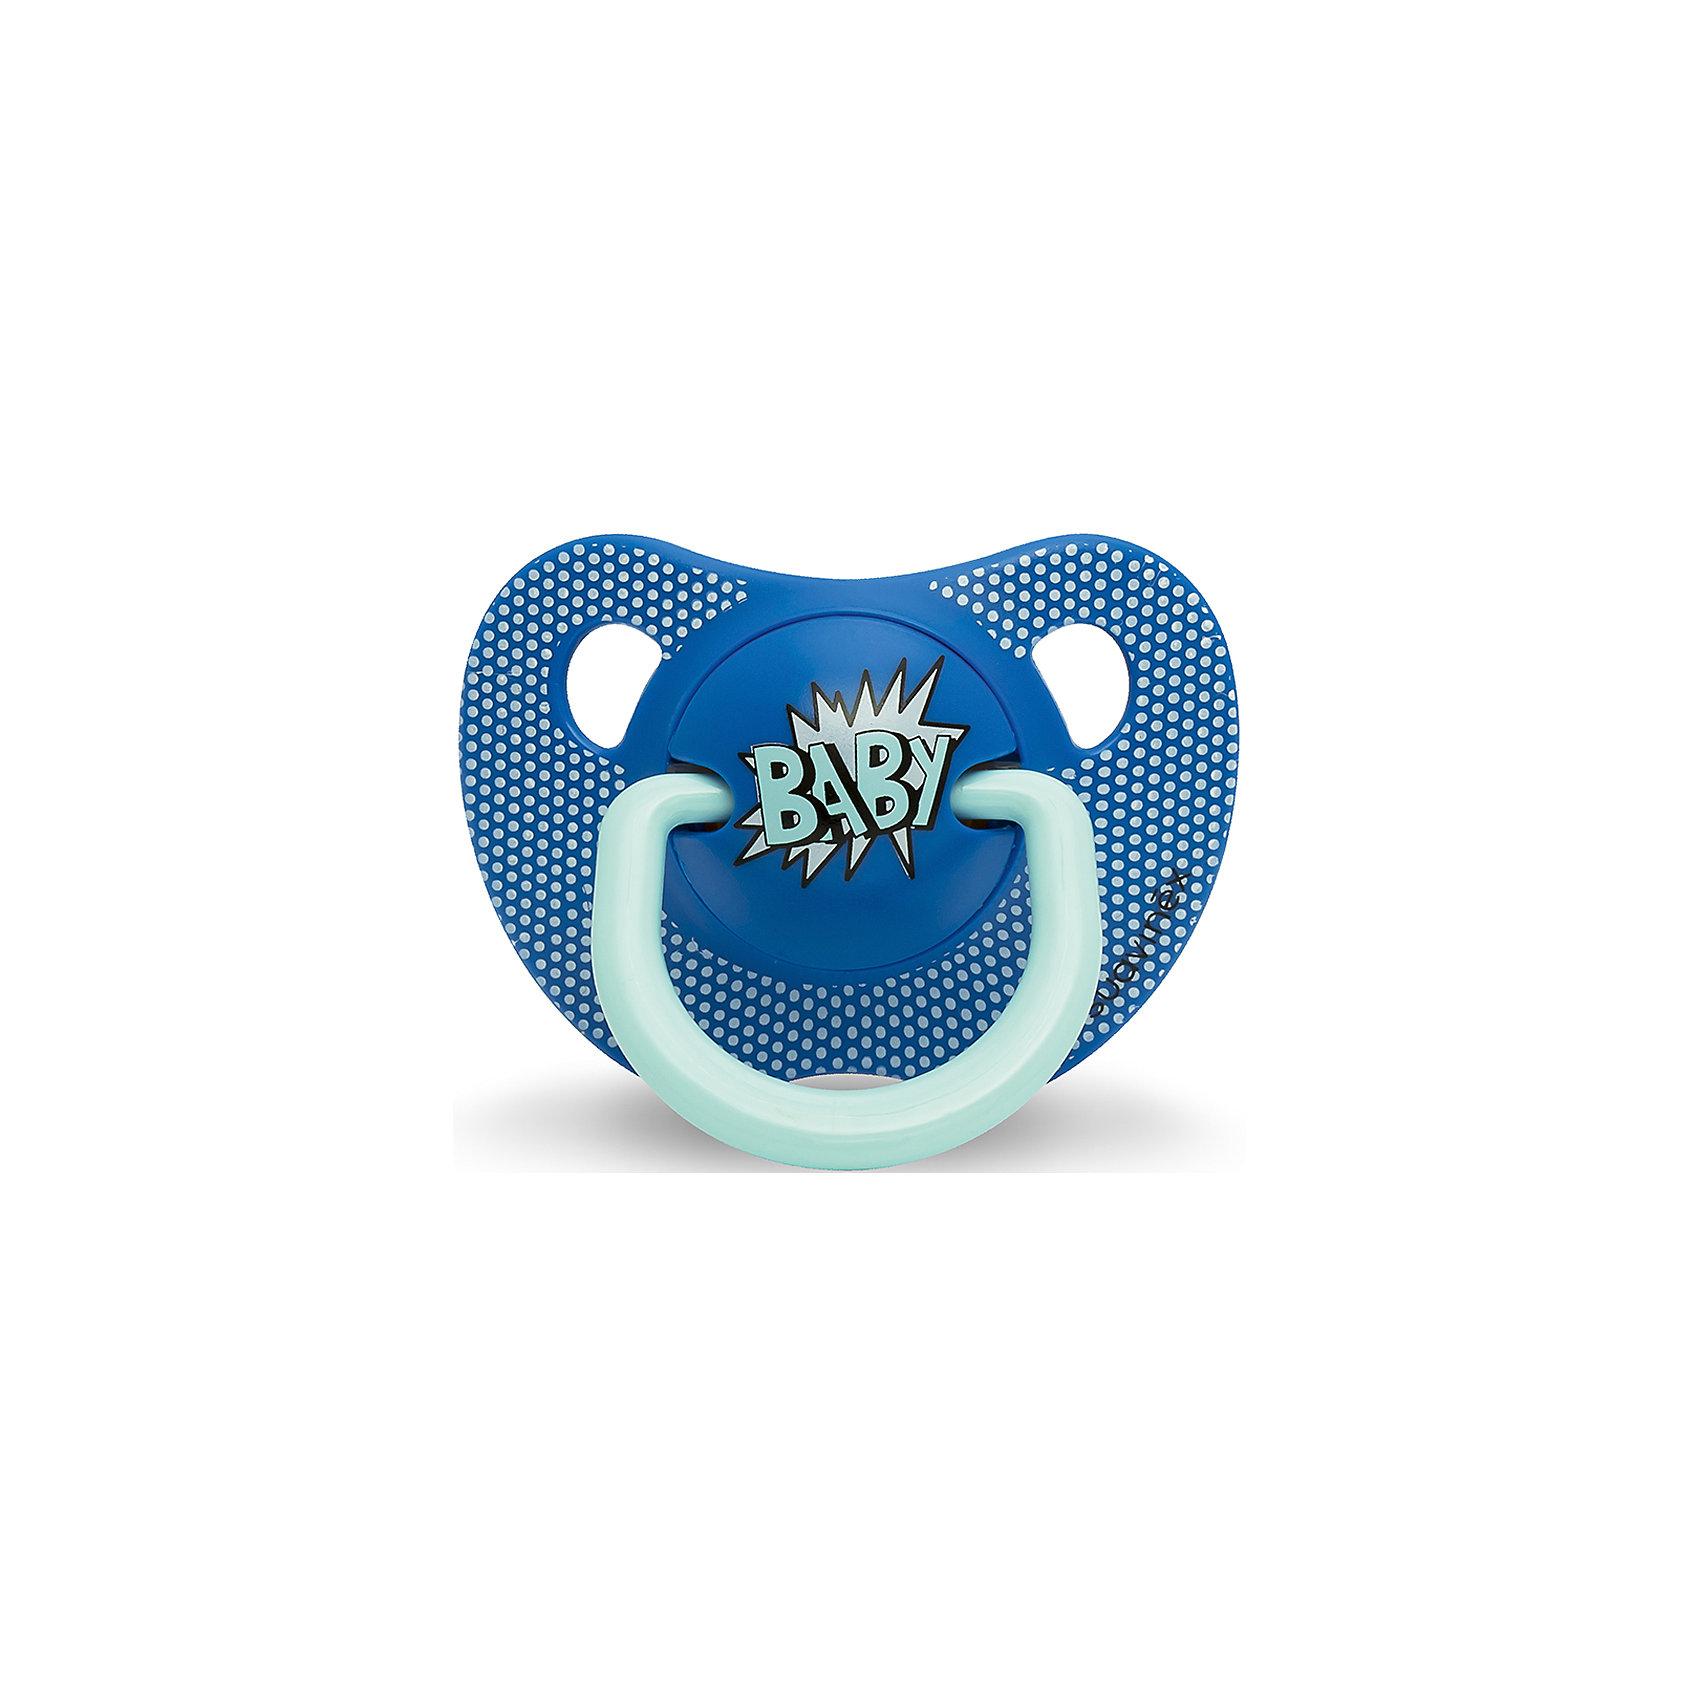 Пустышка силиконовая  BABY Baby Art, 0-6 мес., Suavinex, синийПустышки и аксессуары<br>Характеристики:<br><br>• Наименование: пустышка<br>• Рекомендуемый возраст: от 0 и до 6 месяцев<br>• Пол: для мальчика<br>• Материал: силикон, пластик<br>• Цвет: синий<br>• Рисунок: горошинки<br>• Форма: анатомическая<br>• Наличие вентиляционных отверстий <br>• Кольцо для держателя<br>• Вес: 27 г<br>• Параметры (Д*Ш*В): 5,4*6,5*10,9 см <br>• Особенности ухода: можно мыть в теплой воде, регулярная стерилизация <br><br>Пустышка BABY от 0 до 6мес Baby Art, Suavinex, синий изготовлена испанским торговым брендом, специализирующимся на выпуске товаров для кормления и аксессуаров новорожденным и младенцам. Продукция от Suavinex разработана с учетом рекомендаций педиатров и стоматологов, что гарантирует качество и безопасность использованных материалов. <br><br>Пластик, из которого изготовлено изделие, устойчив к появлению царапин и сколов, благодаря чему пустышка длительное время сохраняет свои гигиенические свойства. Форма у соски способствует равномерному распределению давления на небо, что обеспечивает правильное формирование речевого аппарата. <br><br>Пустышка имеет анатомическую форму, для прикрепления держателя предусмотрено кольцо. Изделие выполнено в брендовом дизайне, надпись BABY нанесена по инновационной технологии, которая обеспечивает стойкость рисунка даже при длительном использовании и частой стерилизации.<br><br>Пустышку BABY от 0 до 6мес Baby Art, Suavinex, синий можно купить в нашем интернет-магазине.<br><br>Ширина мм: 54<br>Глубина мм: 65<br>Высота мм: 109<br>Вес г: 27<br>Возраст от месяцев: 0<br>Возраст до месяцев: 6<br>Пол: Мужской<br>Возраст: Детский<br>SKU: 5451241